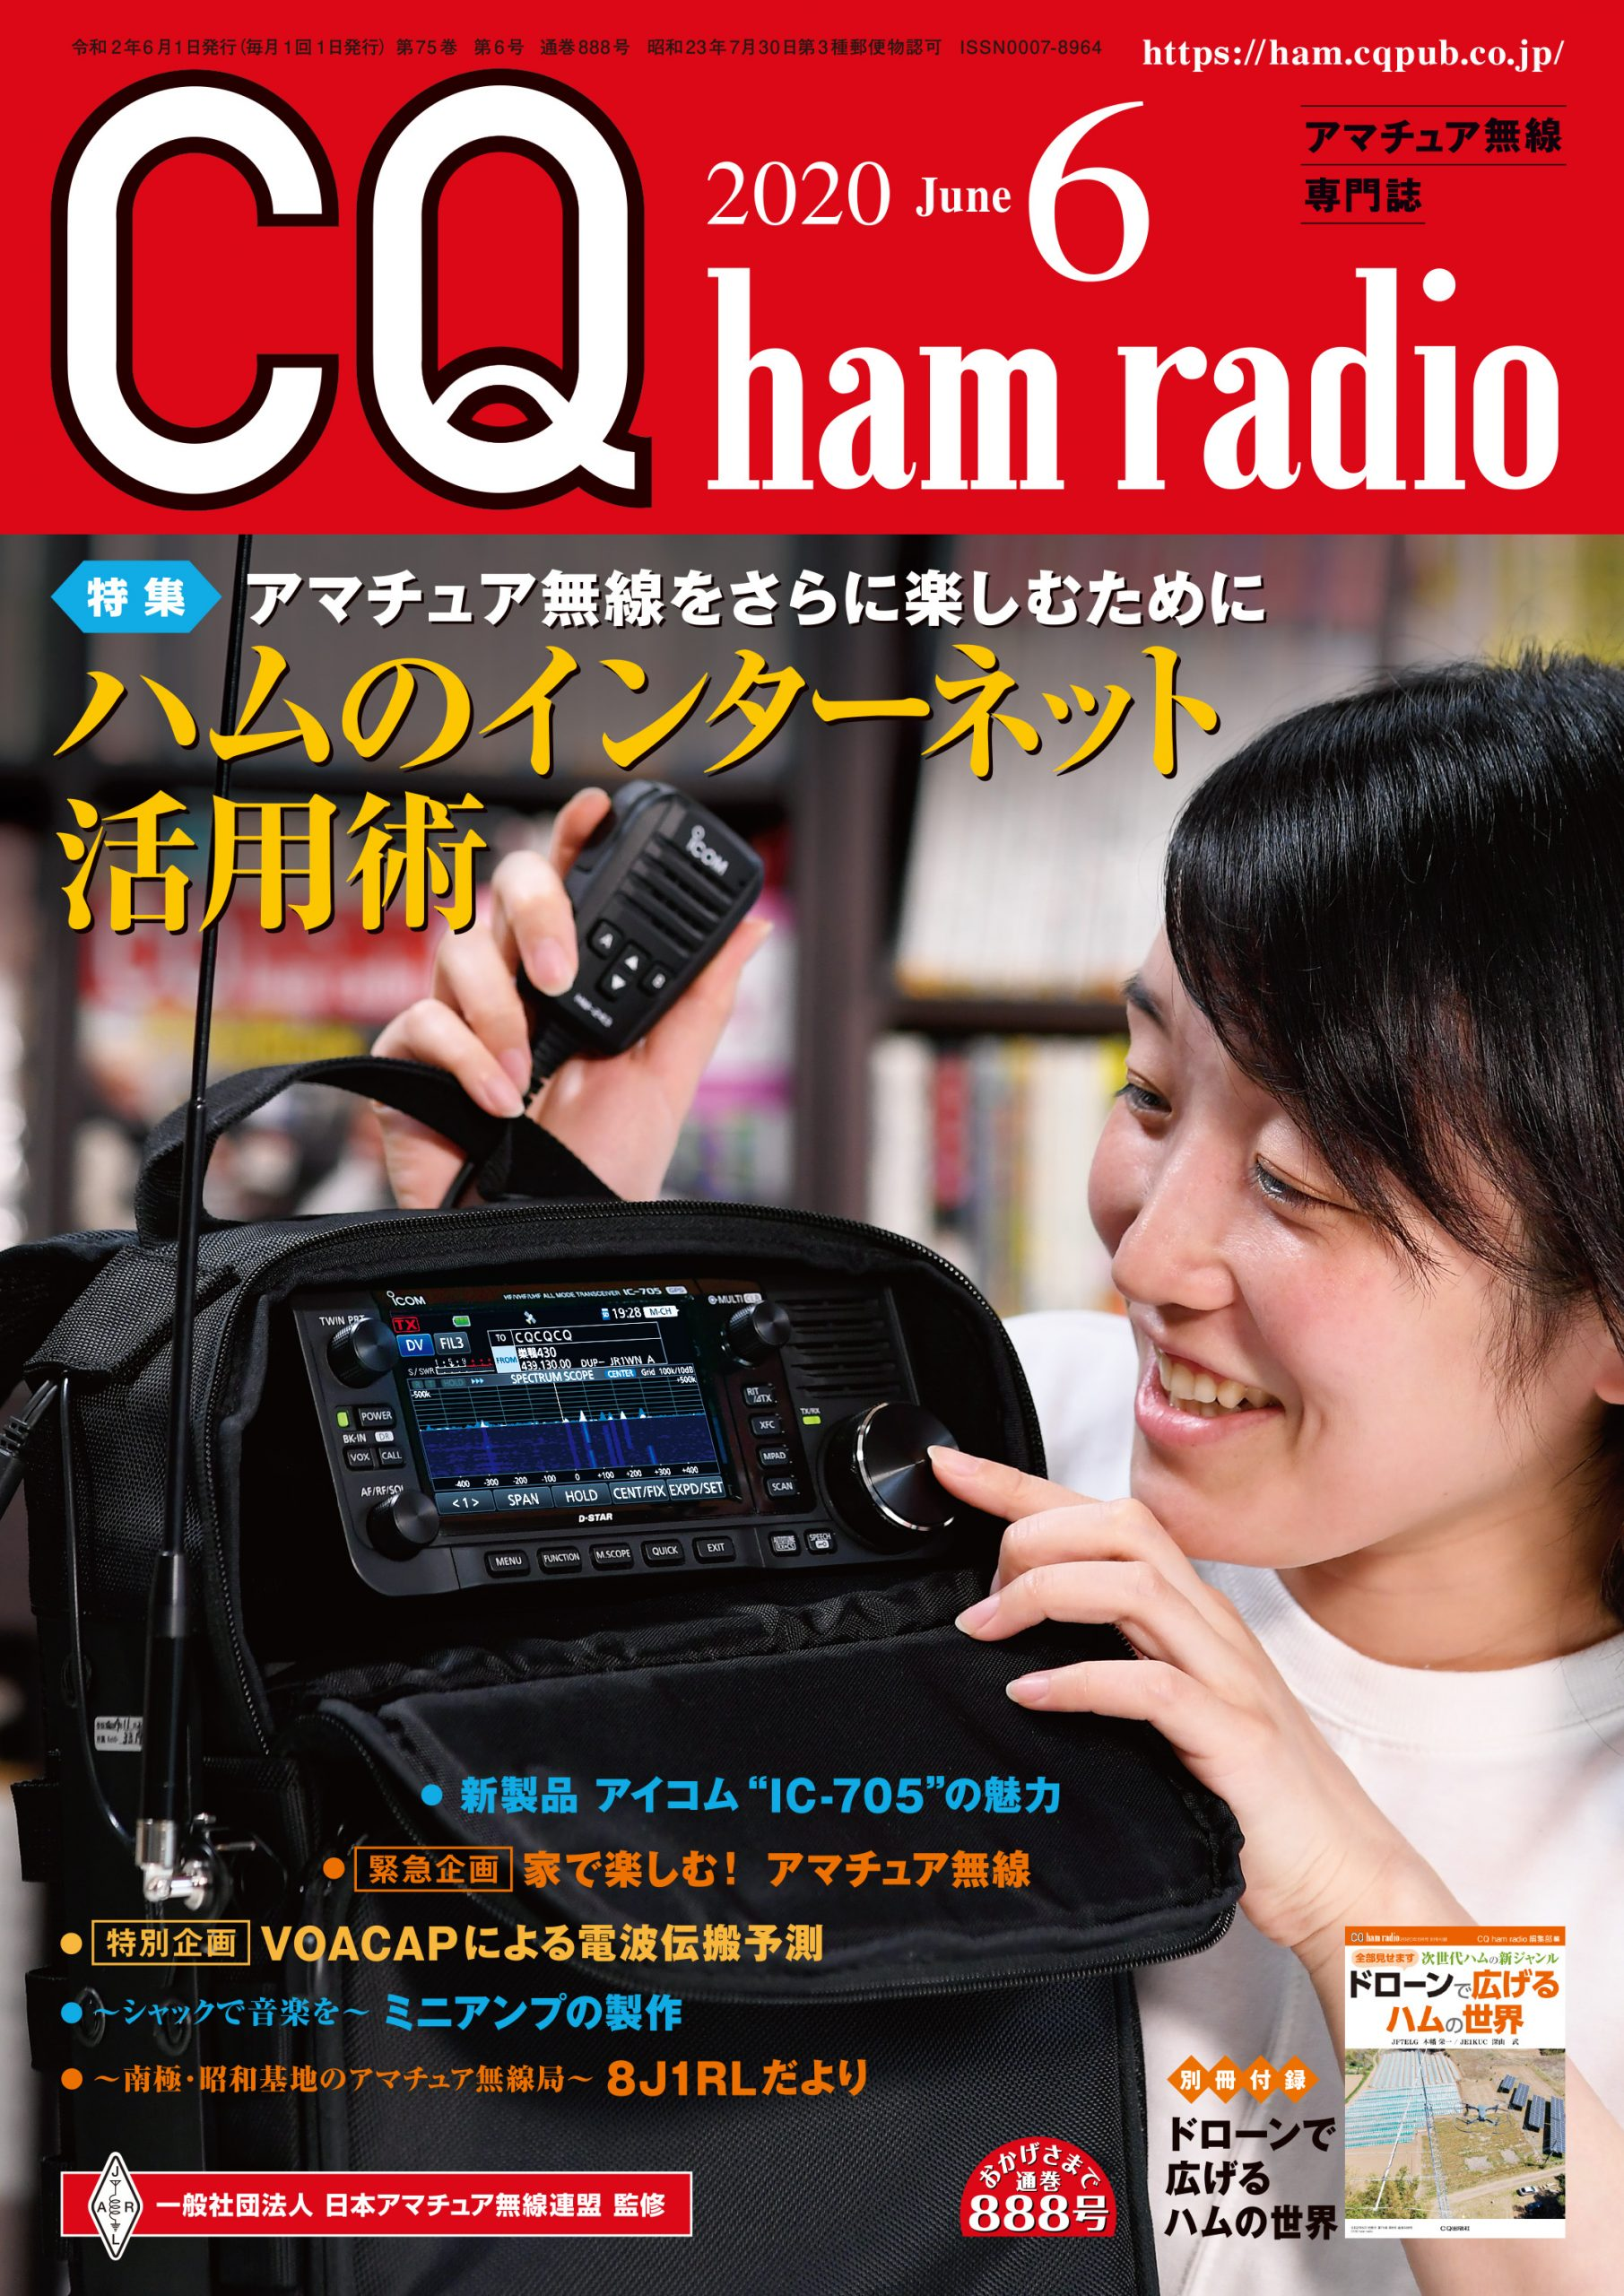 CQ ham radio 2020年6月号